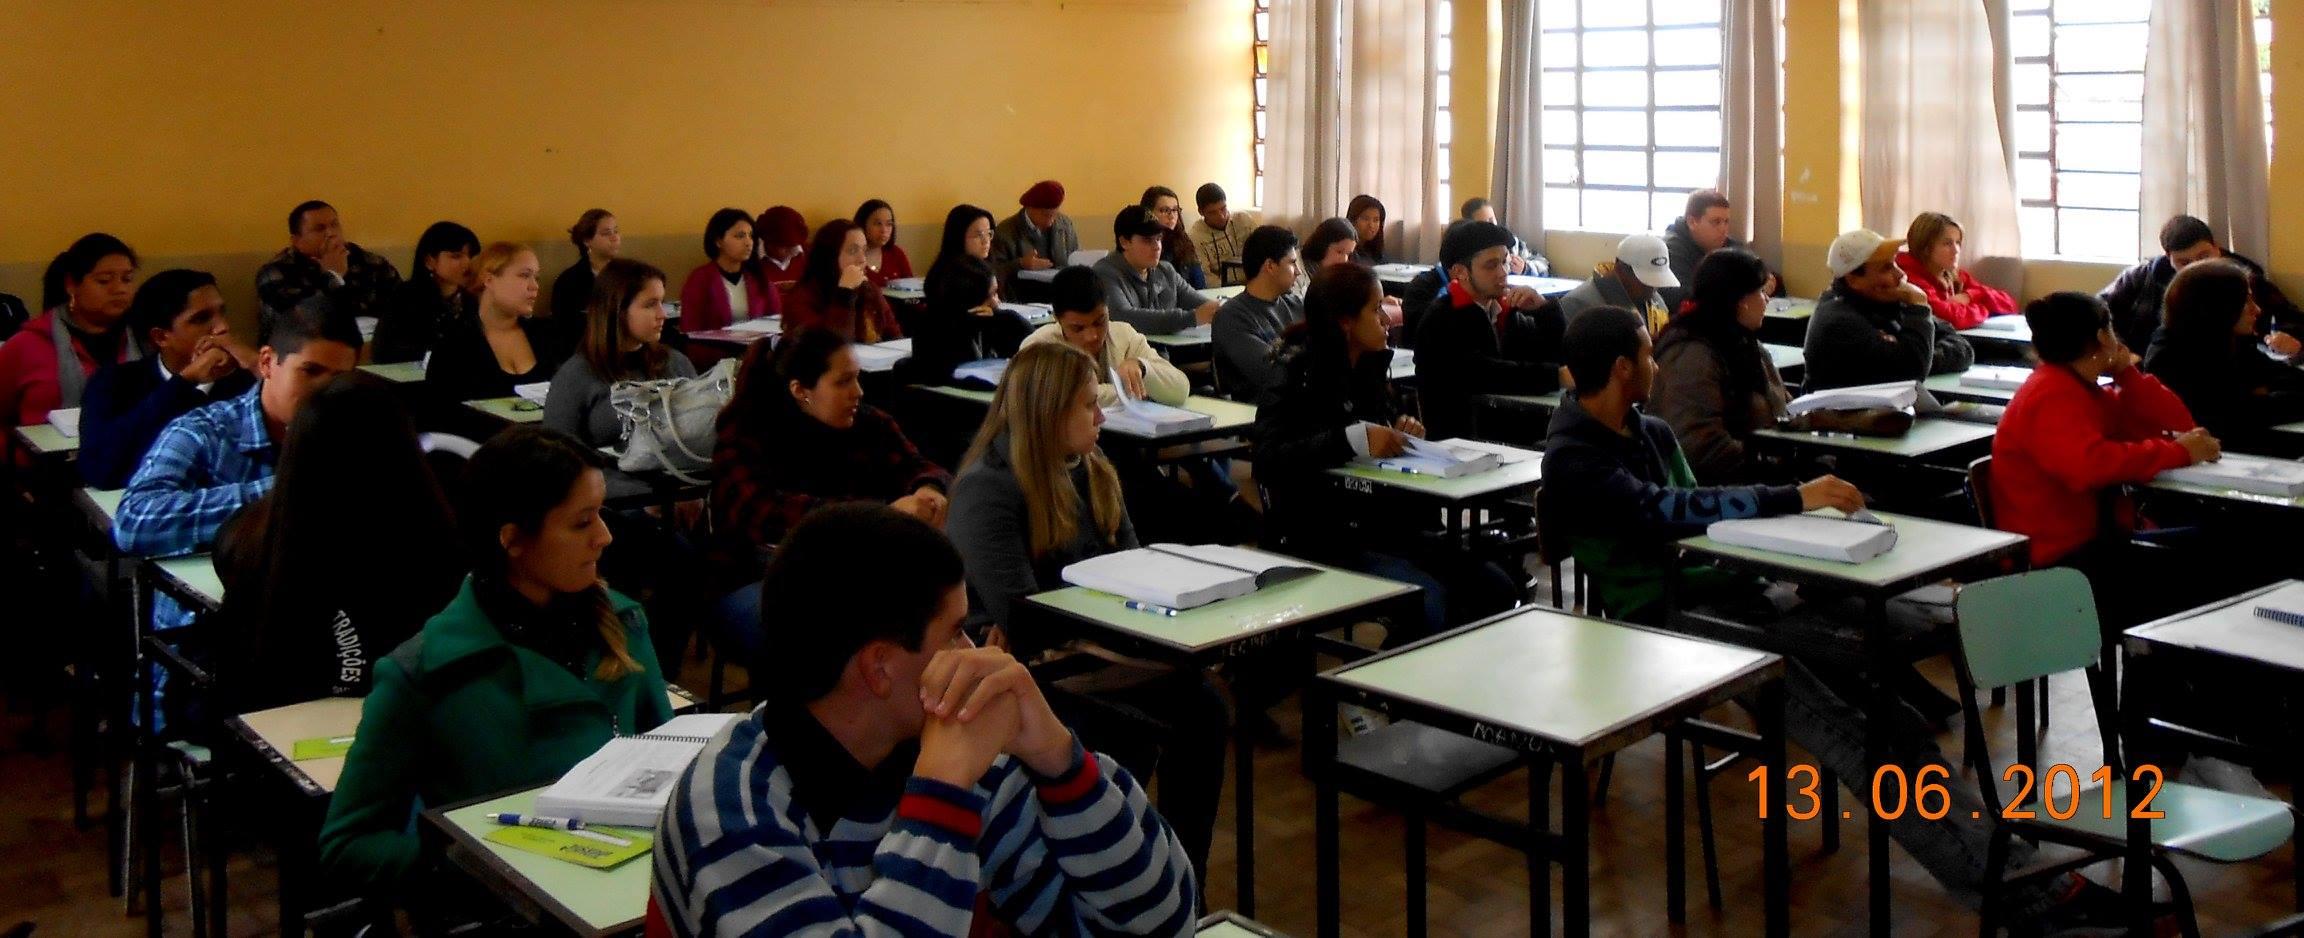 Novos cursos | São Gabriel/RS